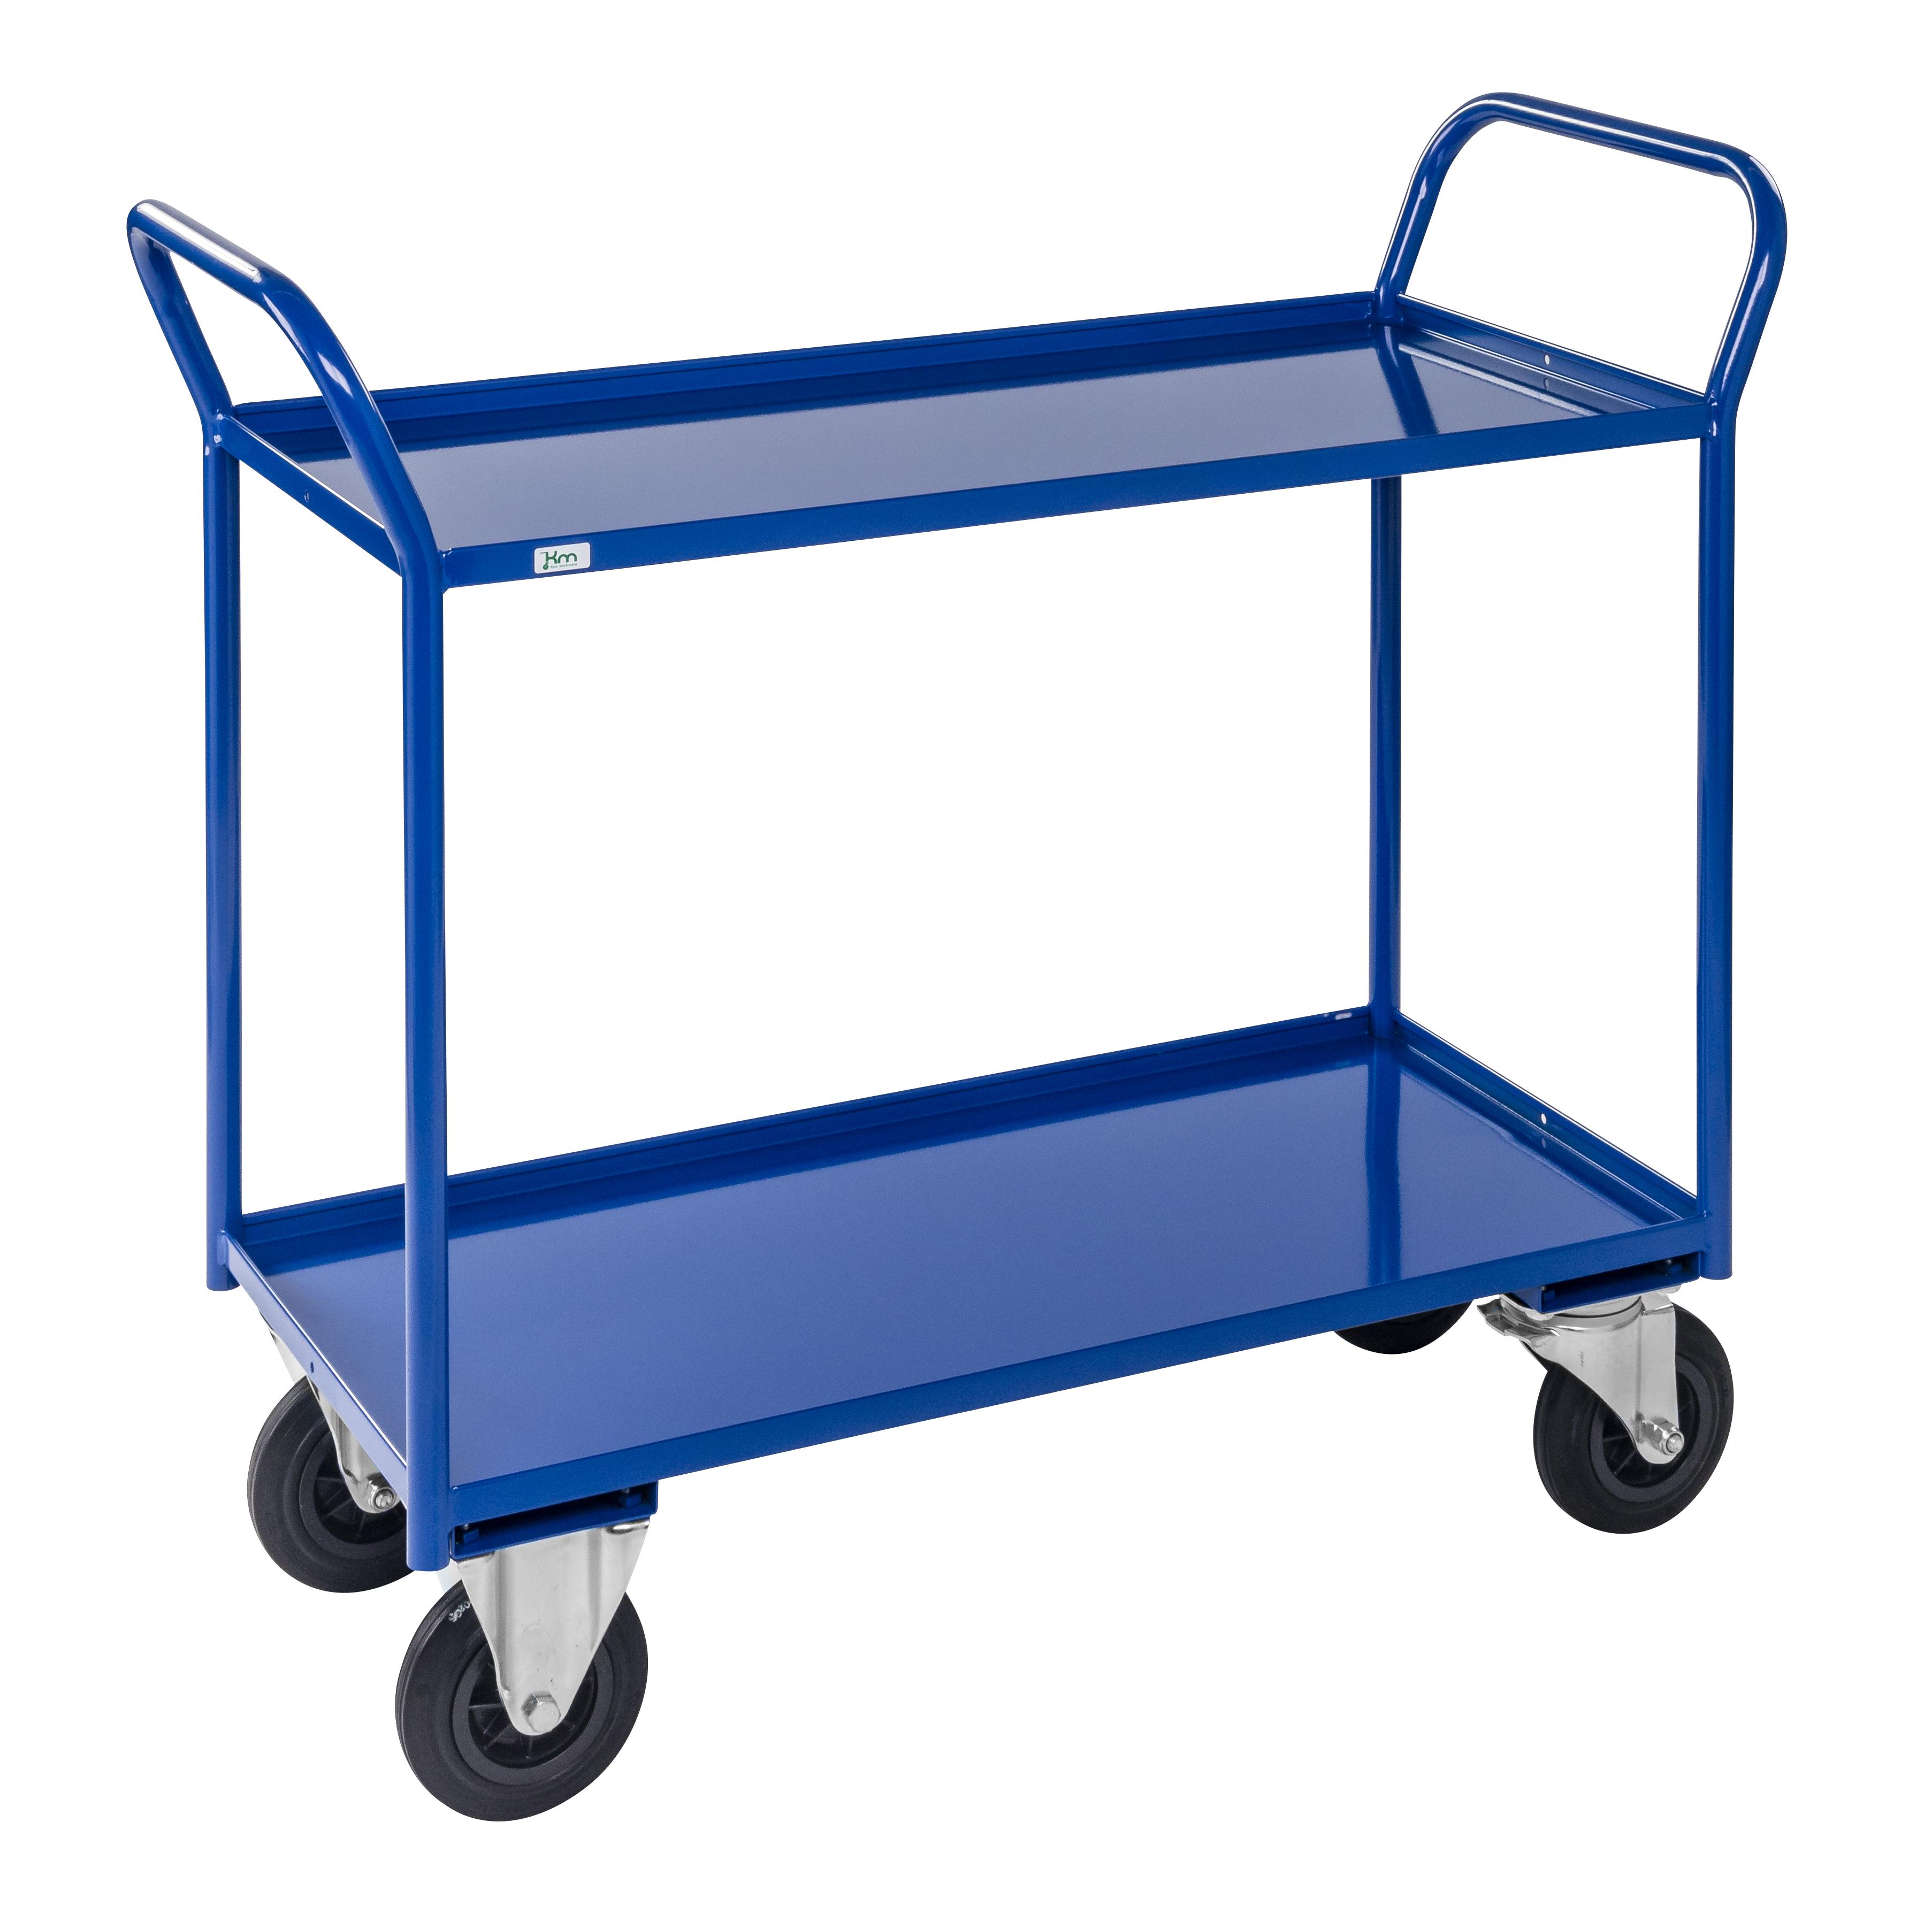 Shelf trolley 2 levels, fully welded KM4126-BB